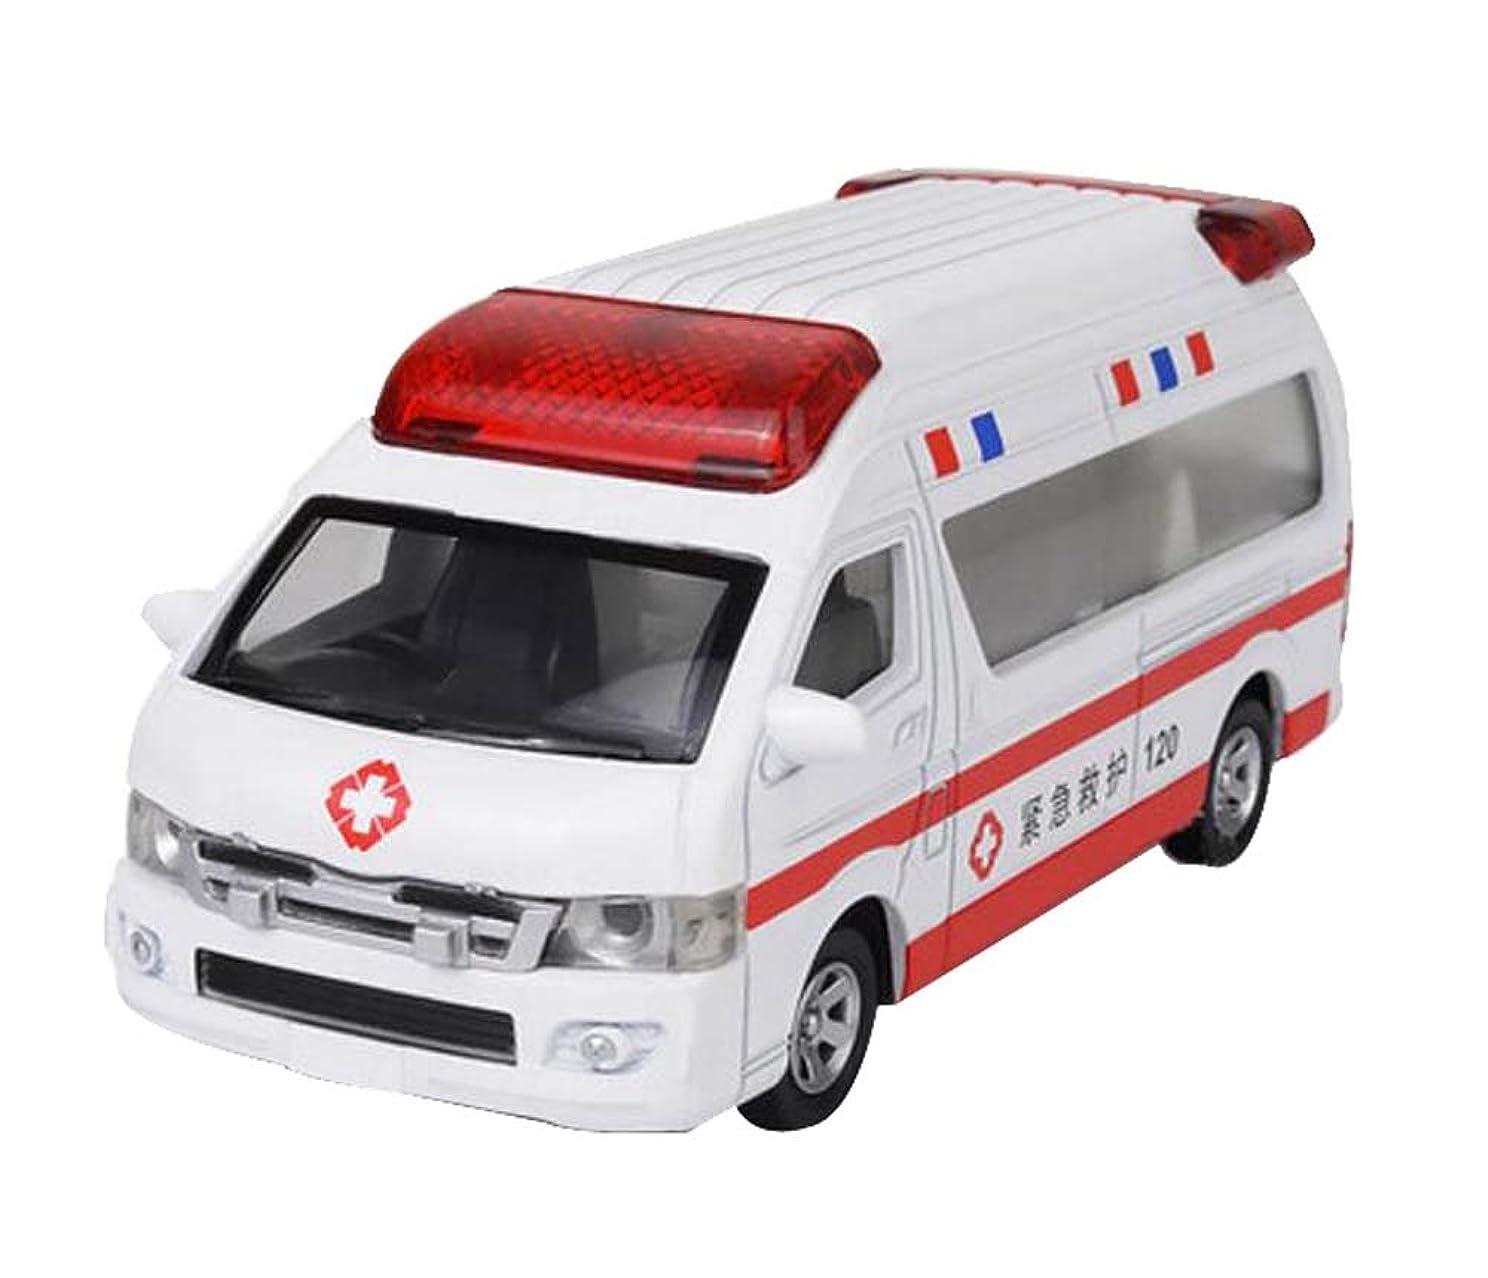 コンパニオンクリーム黄ばむ古典的なemulational 1/32スケール救急車モデル子供の車モデルのおもちゃ